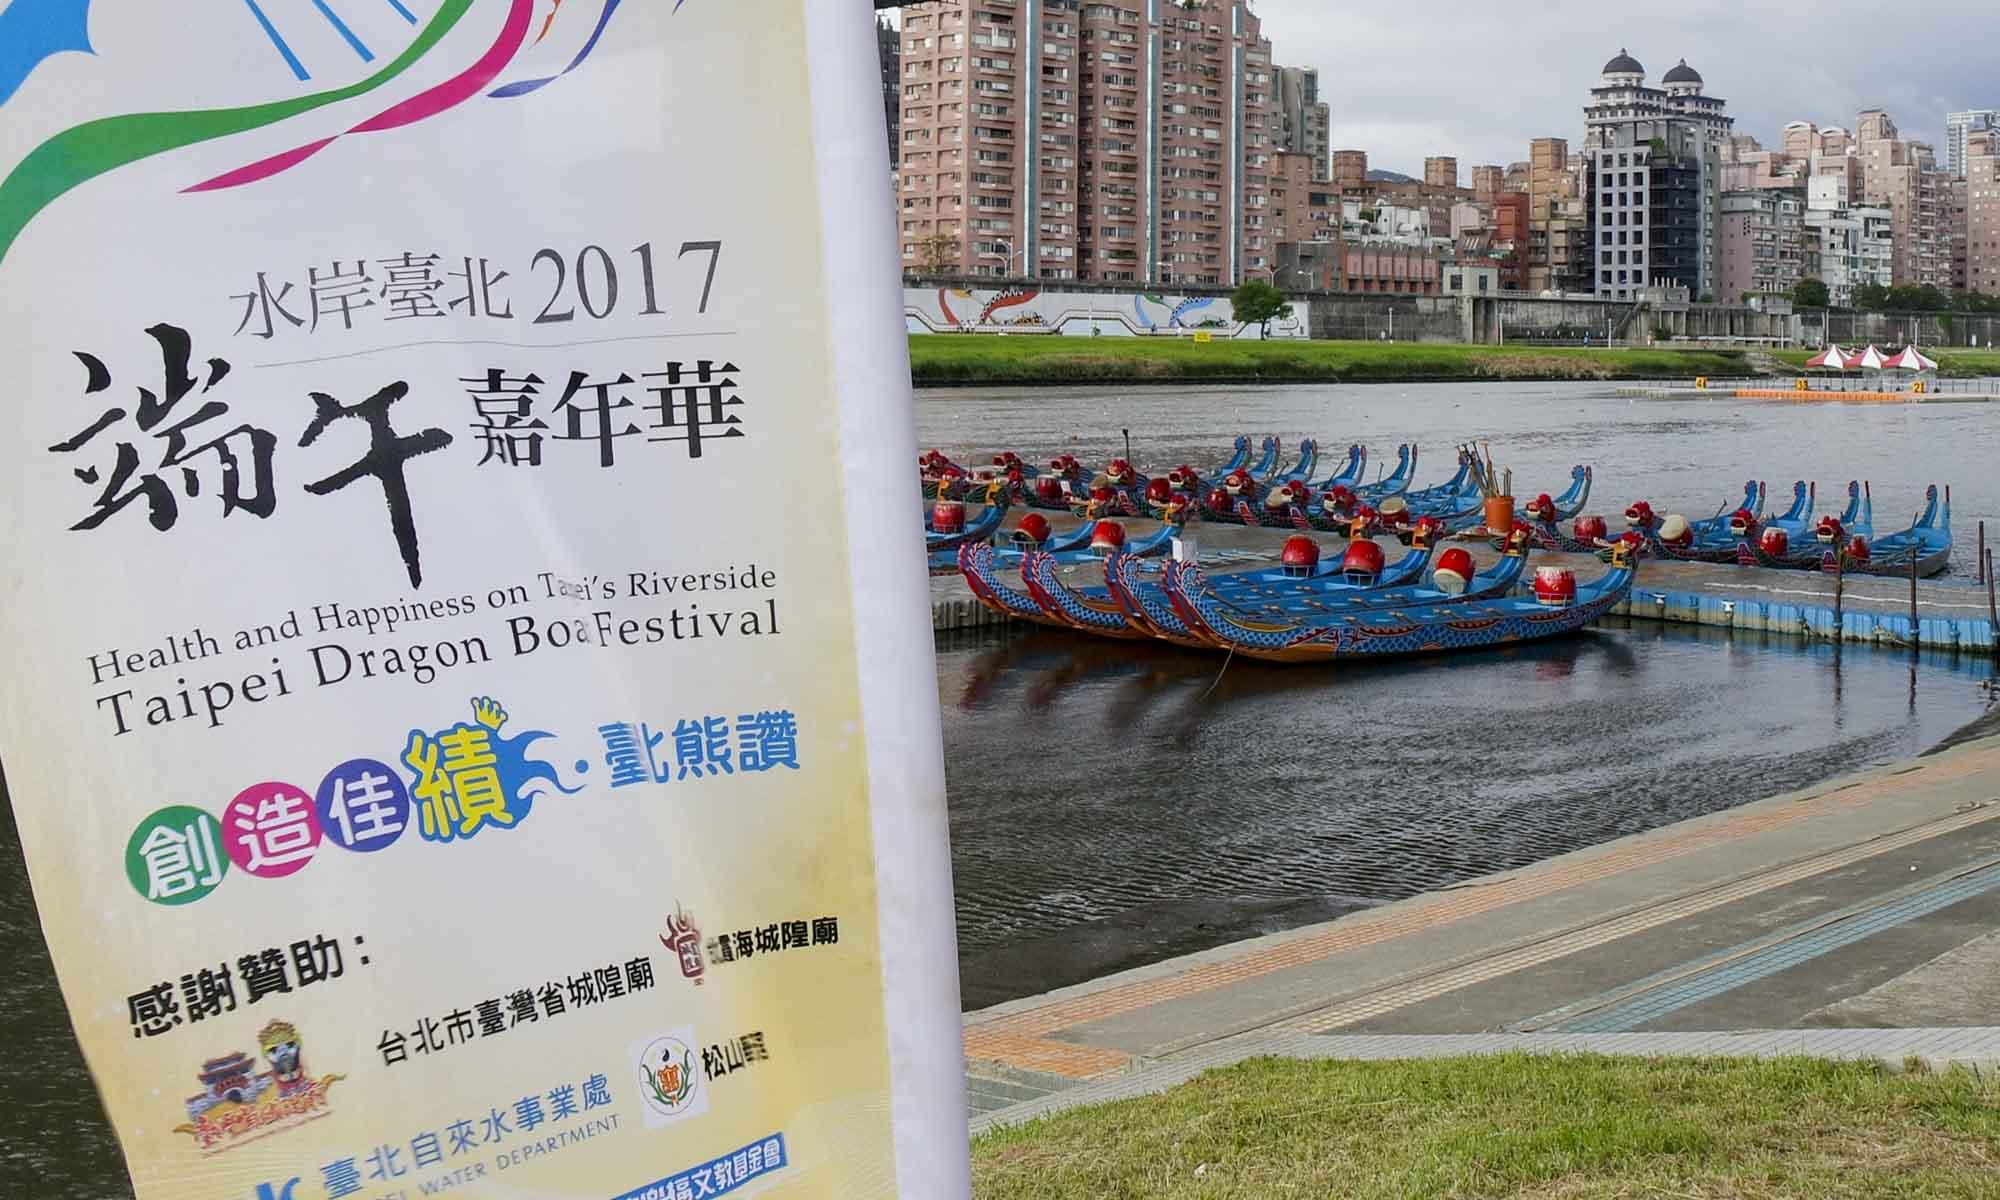 Dragon boats at Dajia Riverside Park